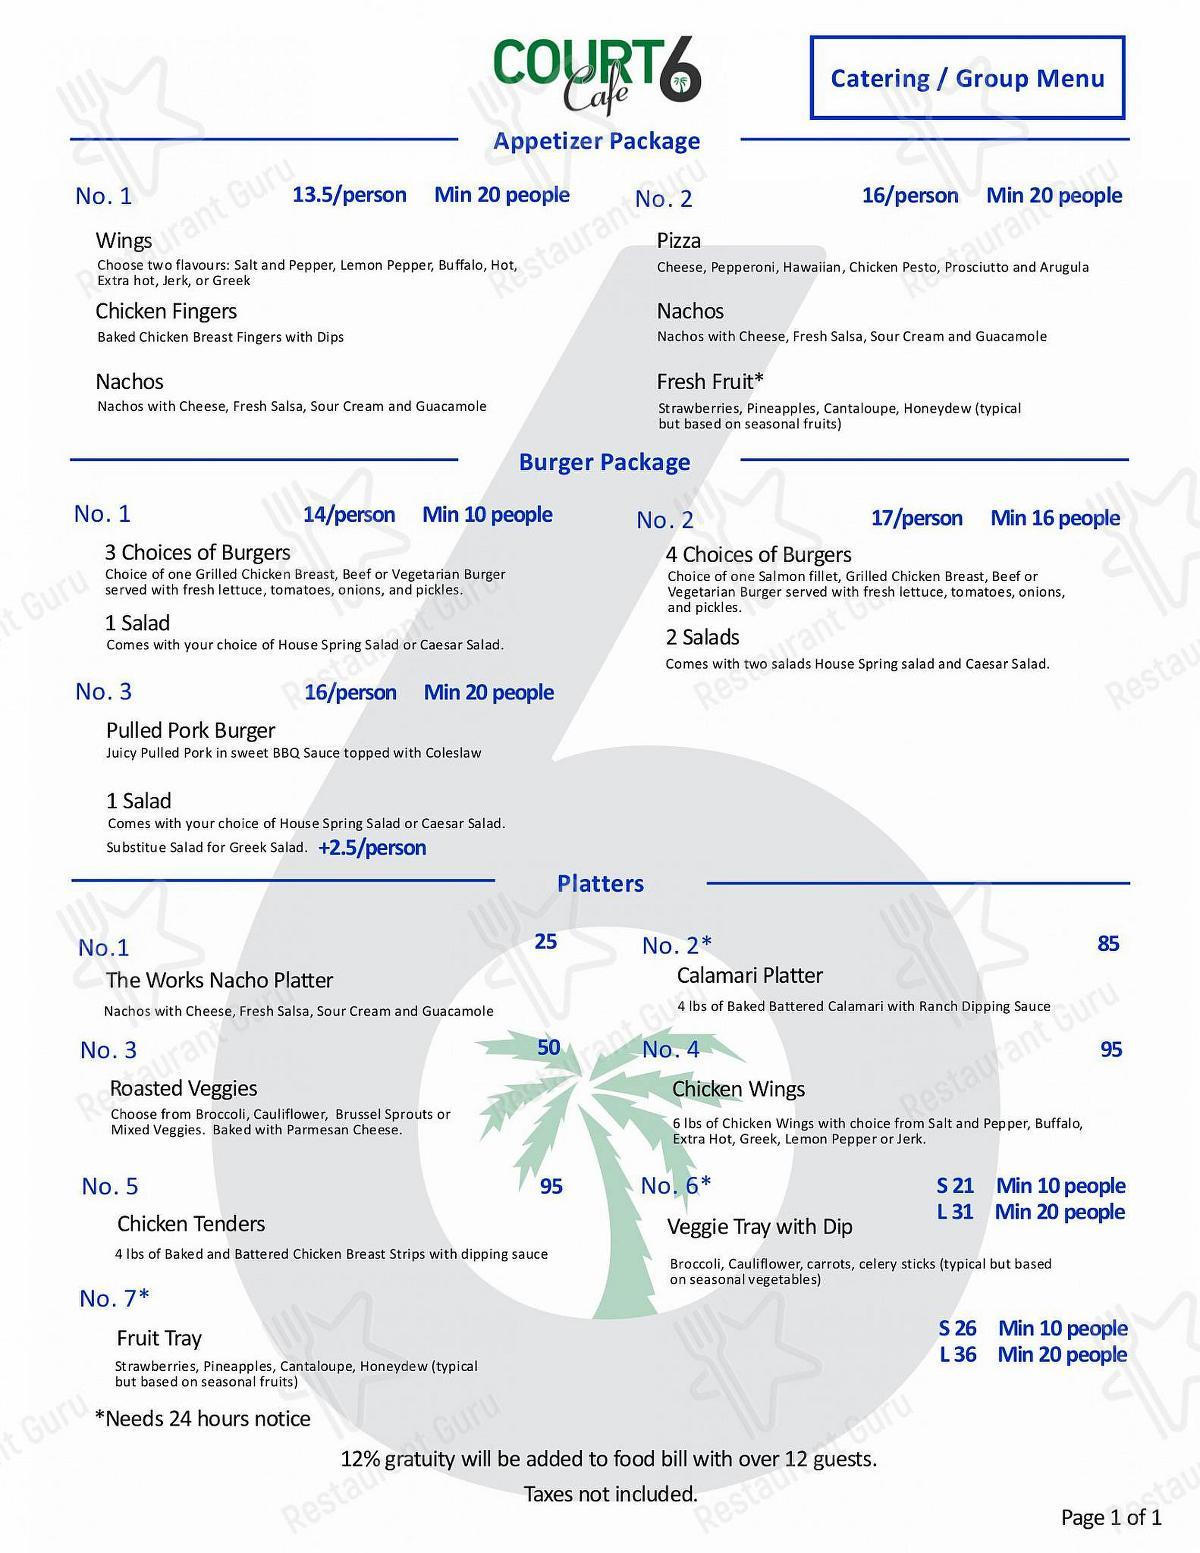 Court6 Cafe menu